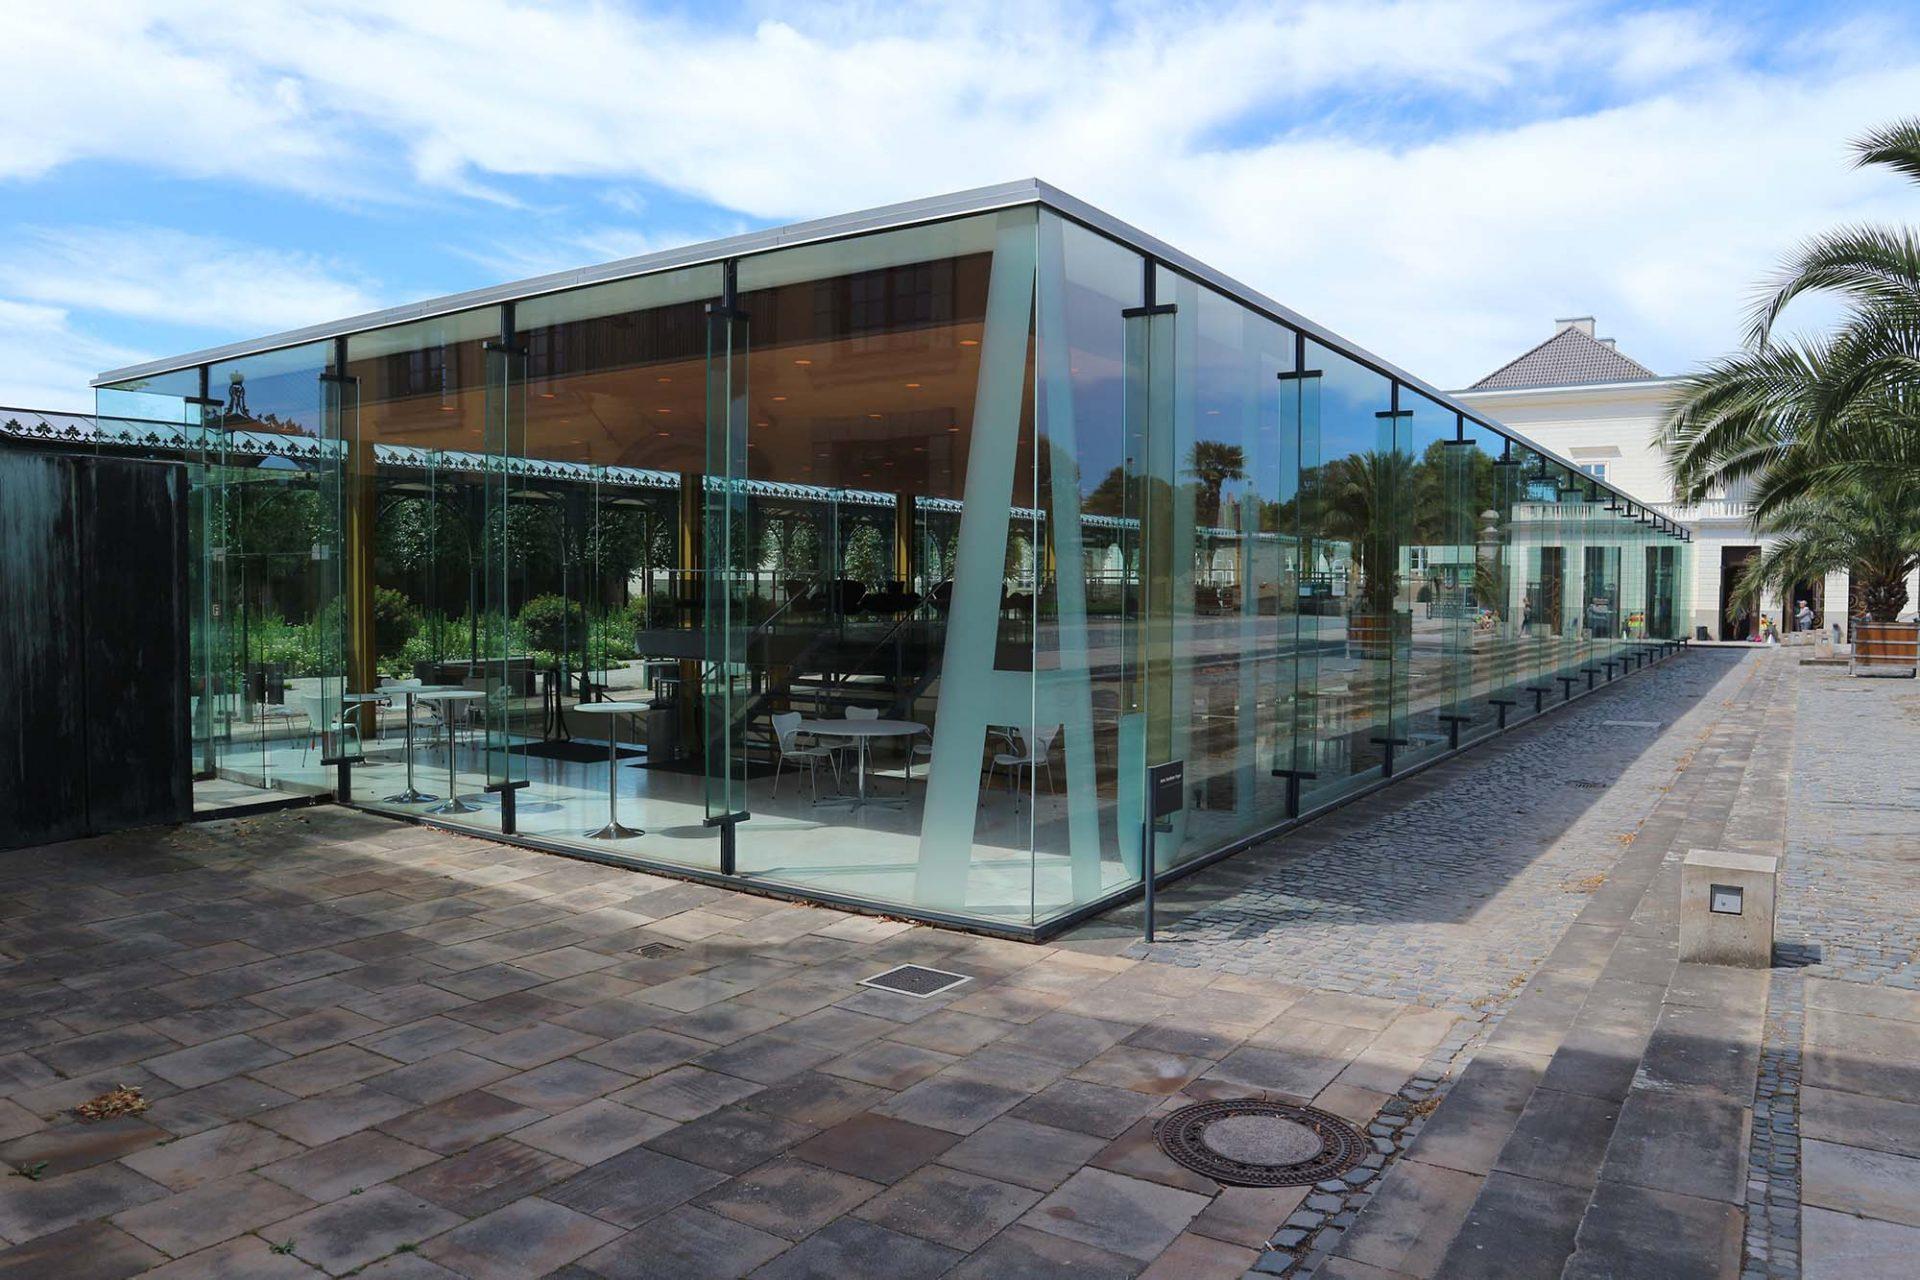 Arne-Jacobsen-Foyer. Seit 2017 erstrahlt das Gebäude in alter Schönheit. Koch Panse Architekten passten das gläserne Gebäude an heutige Energie- und Klimastandards an.